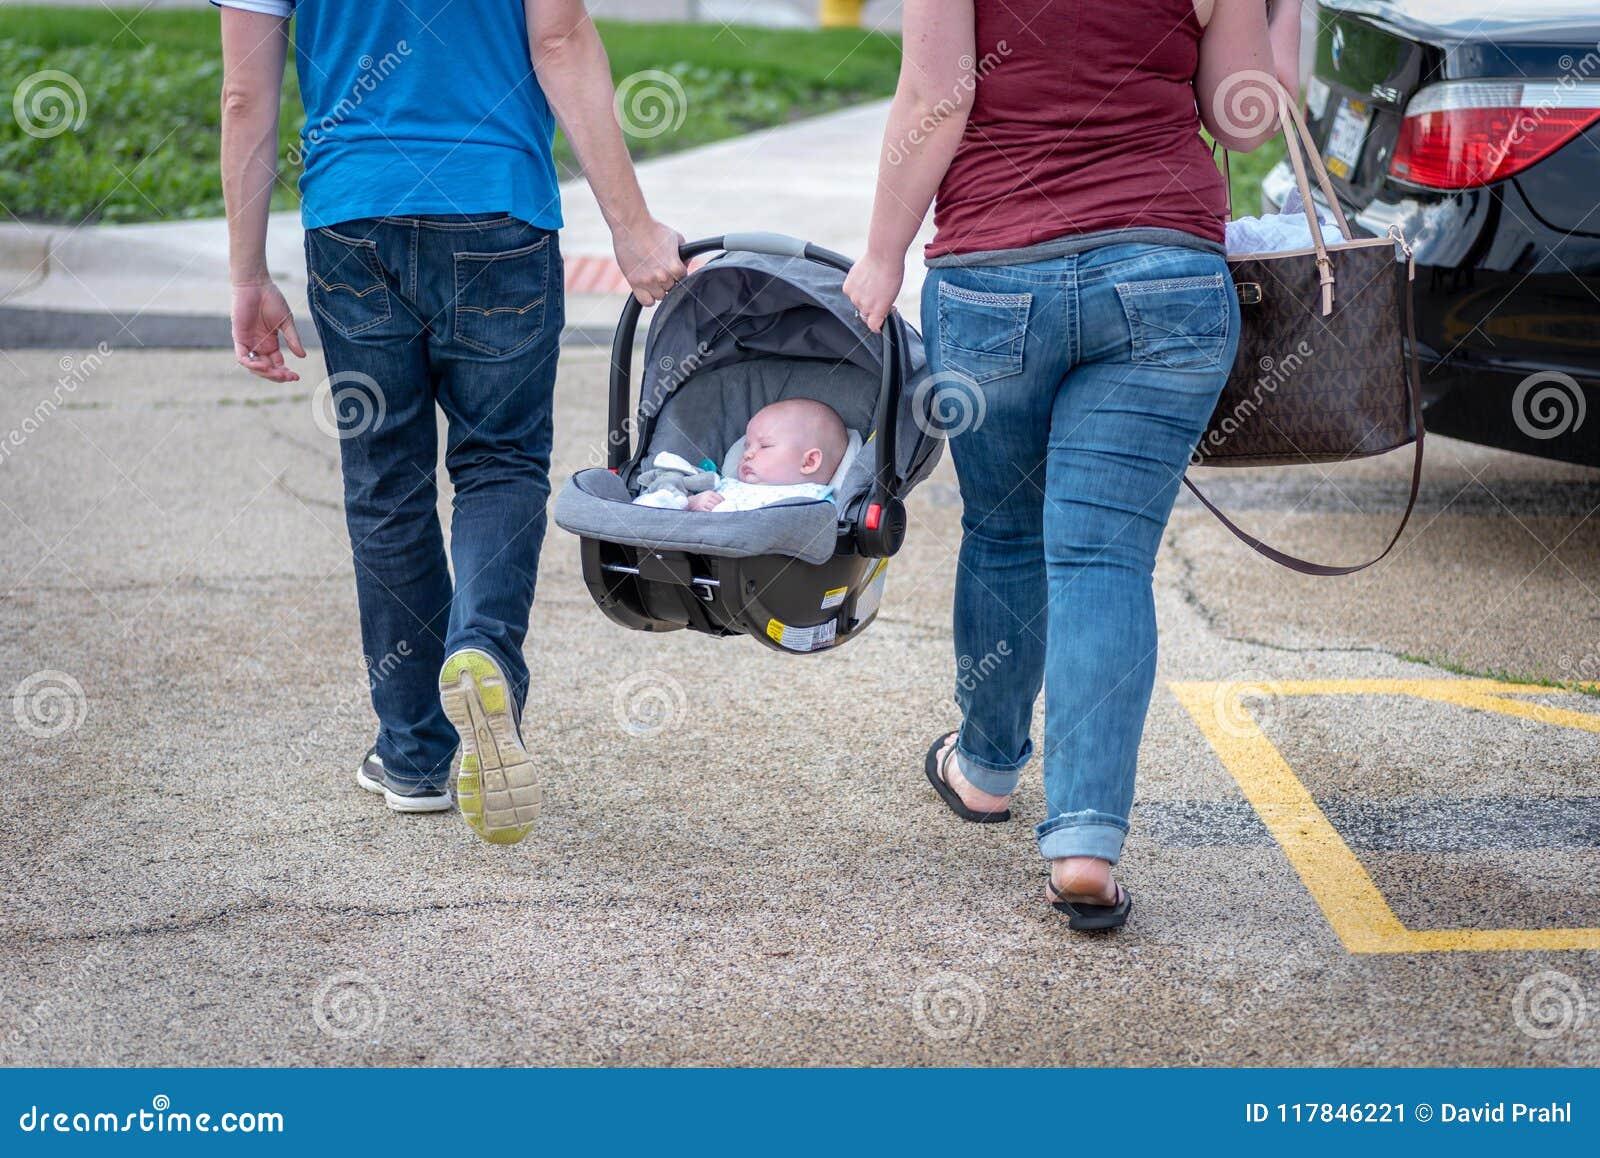 Couplez porter un bébé dans un siège de voiture ensemble